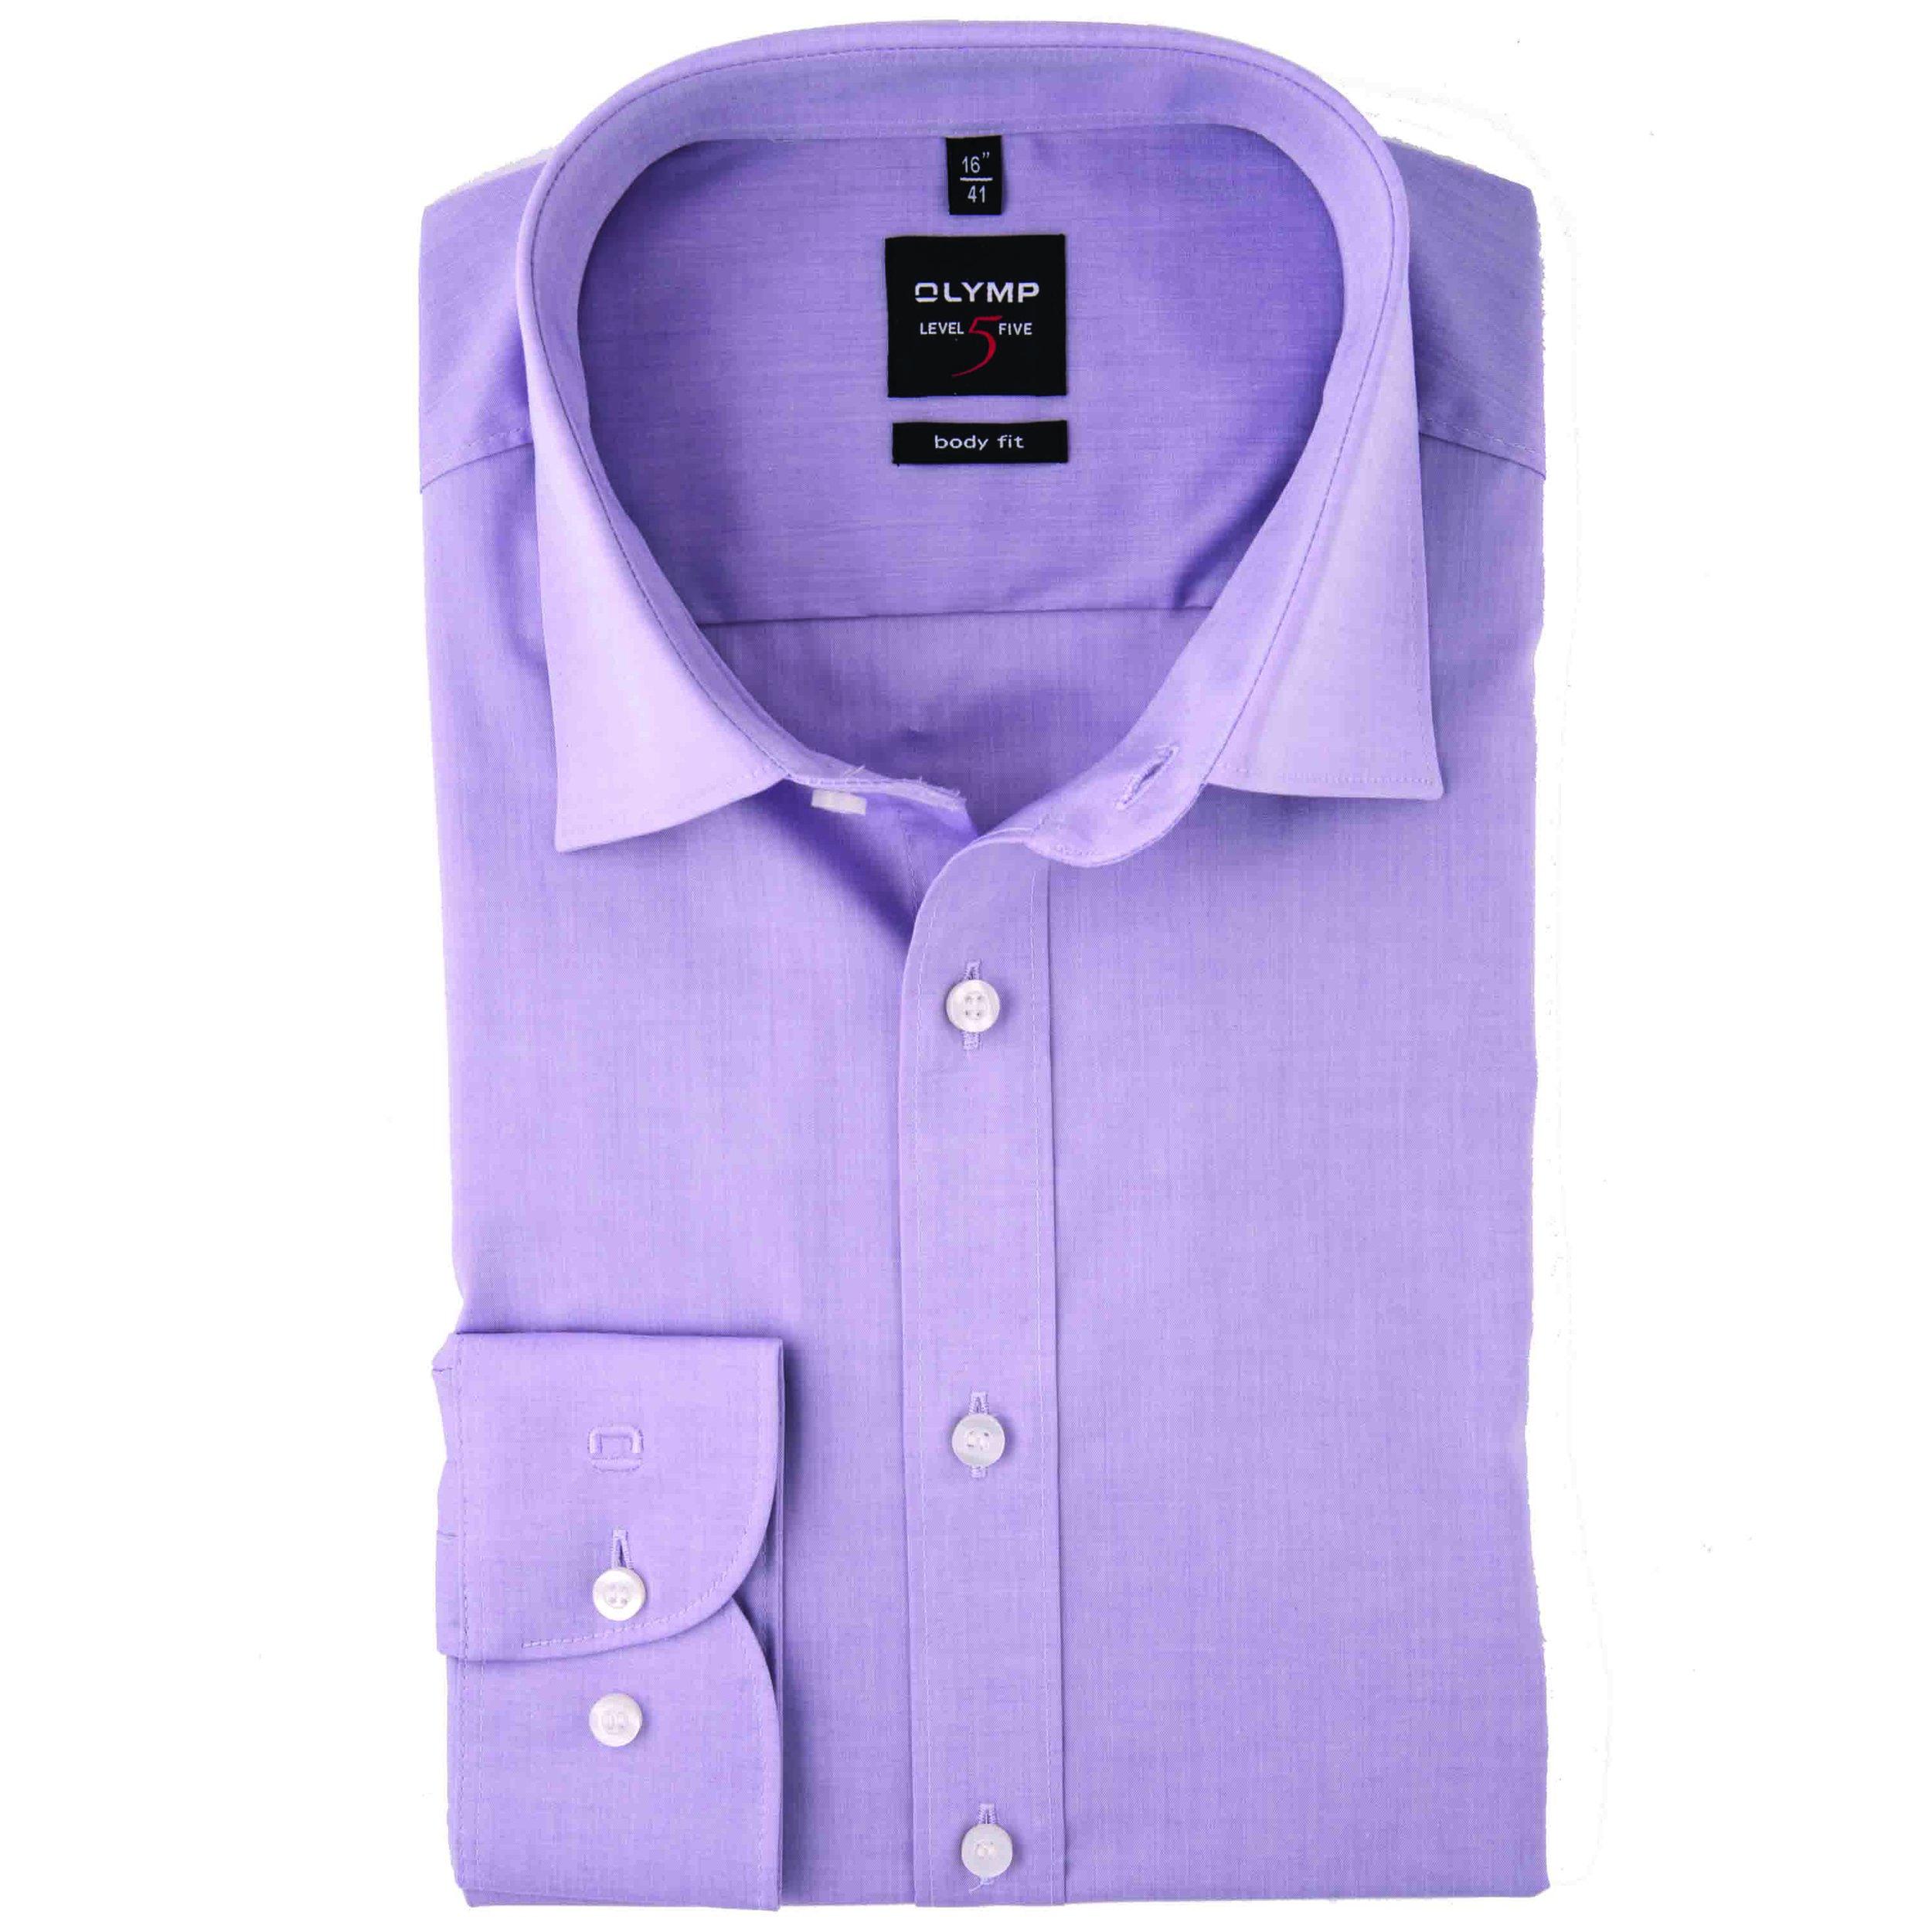 Mauve Olymp Shirt.jpg